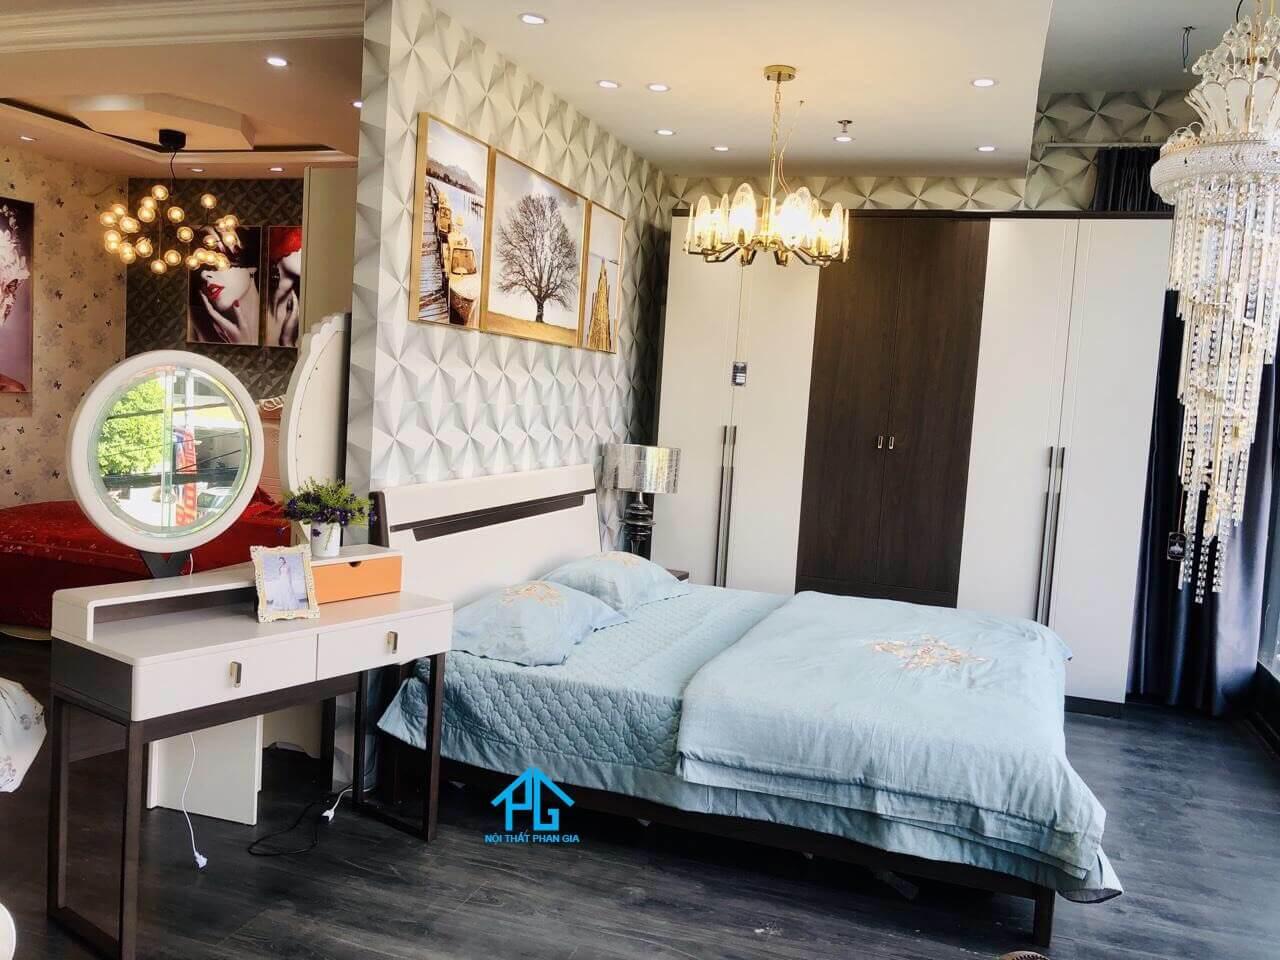 kích thước giường đơn khách sạn;